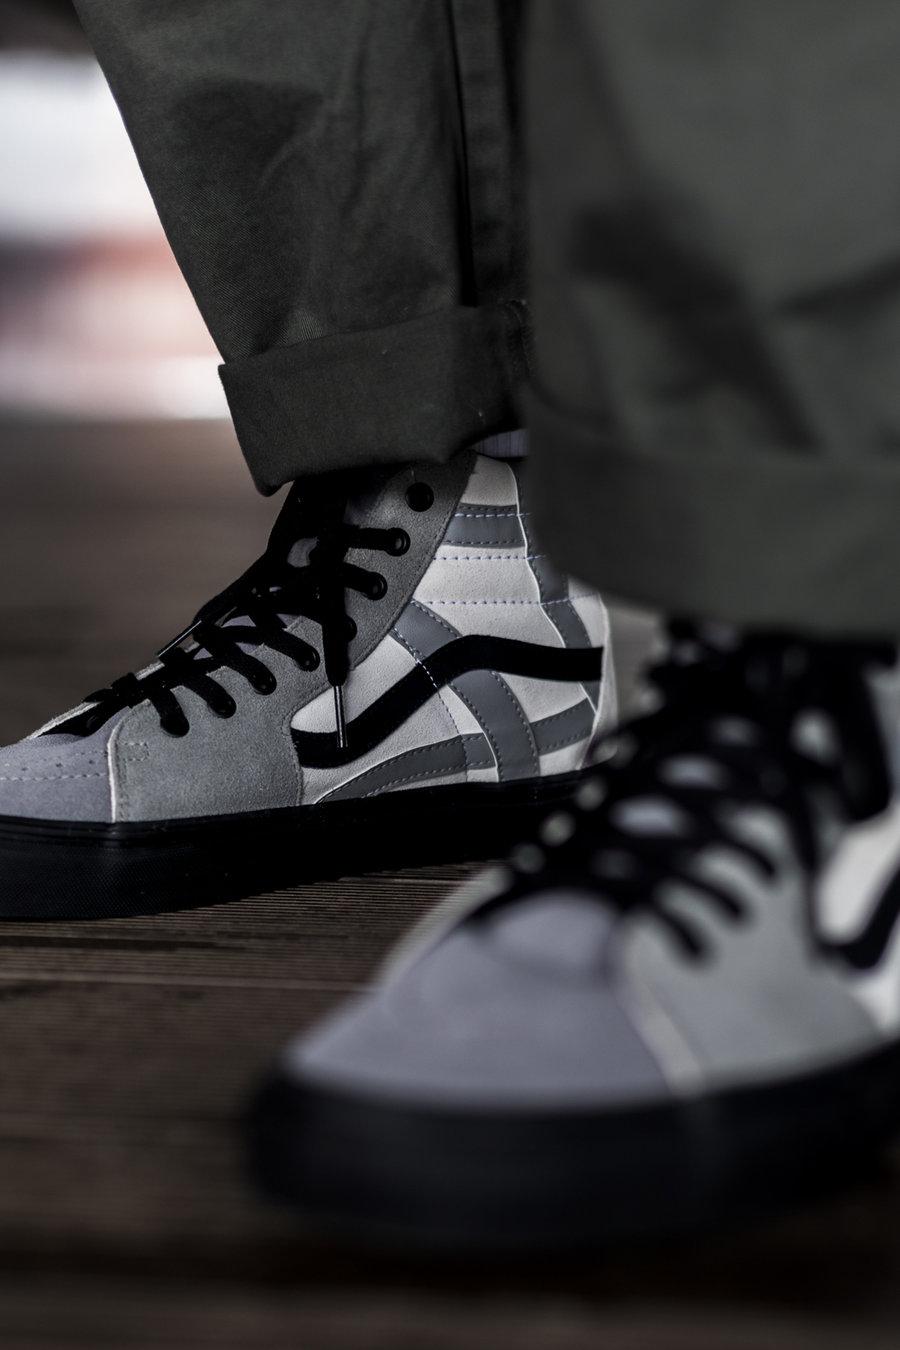 Vans,发售 祝你 Vans 如意!可能是「最别具一格」的新年鞋款!这创意你绝对想不到!